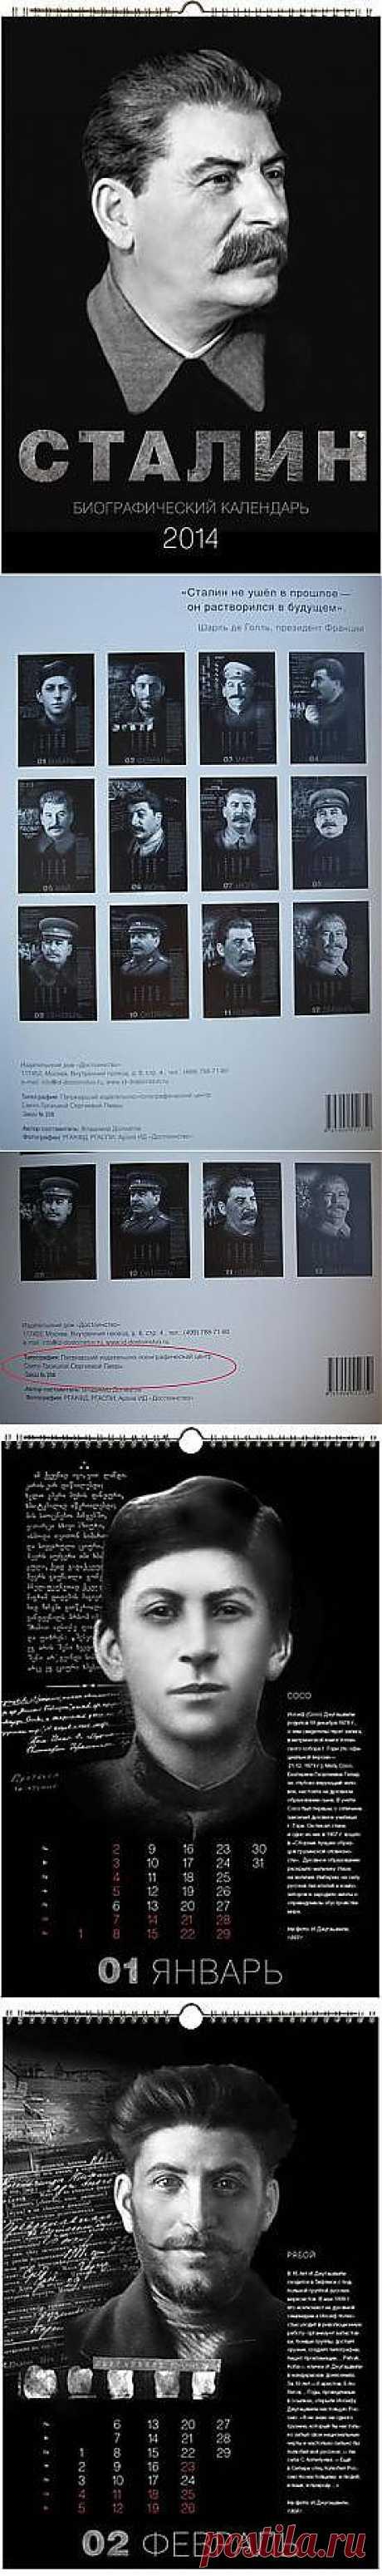 Скандал вокруг календаря со Сталиным